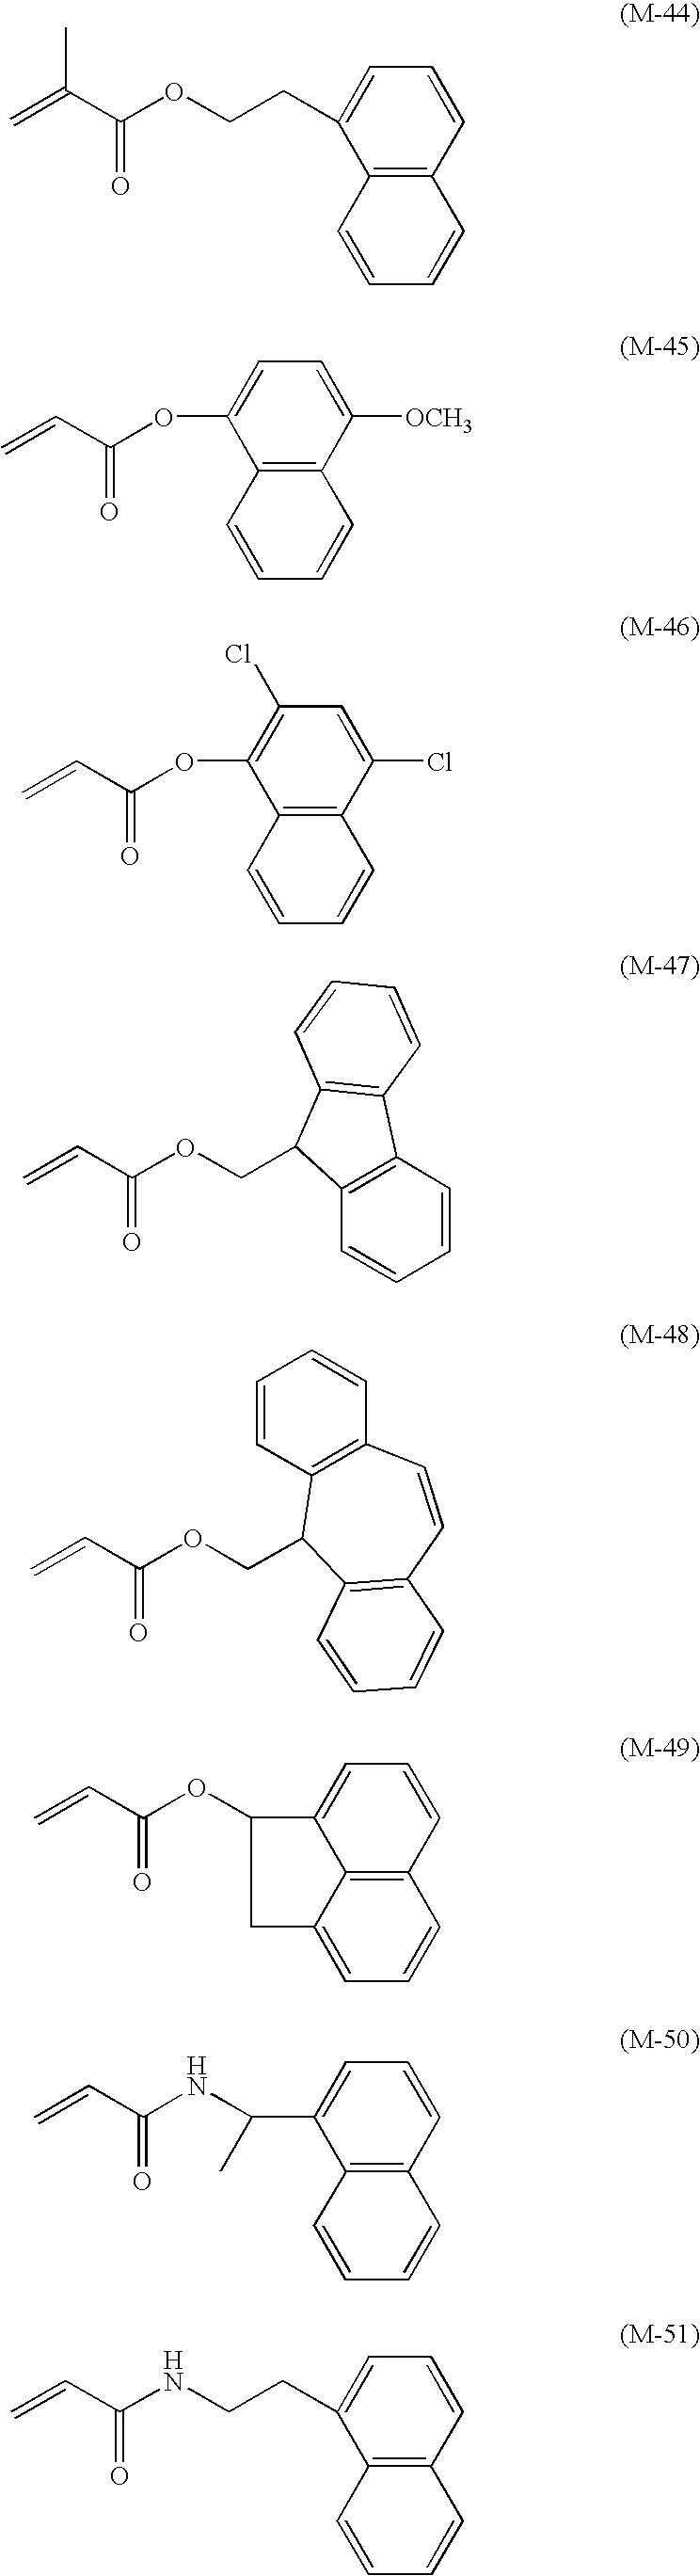 Figure US20090244116A1-20091001-C00013